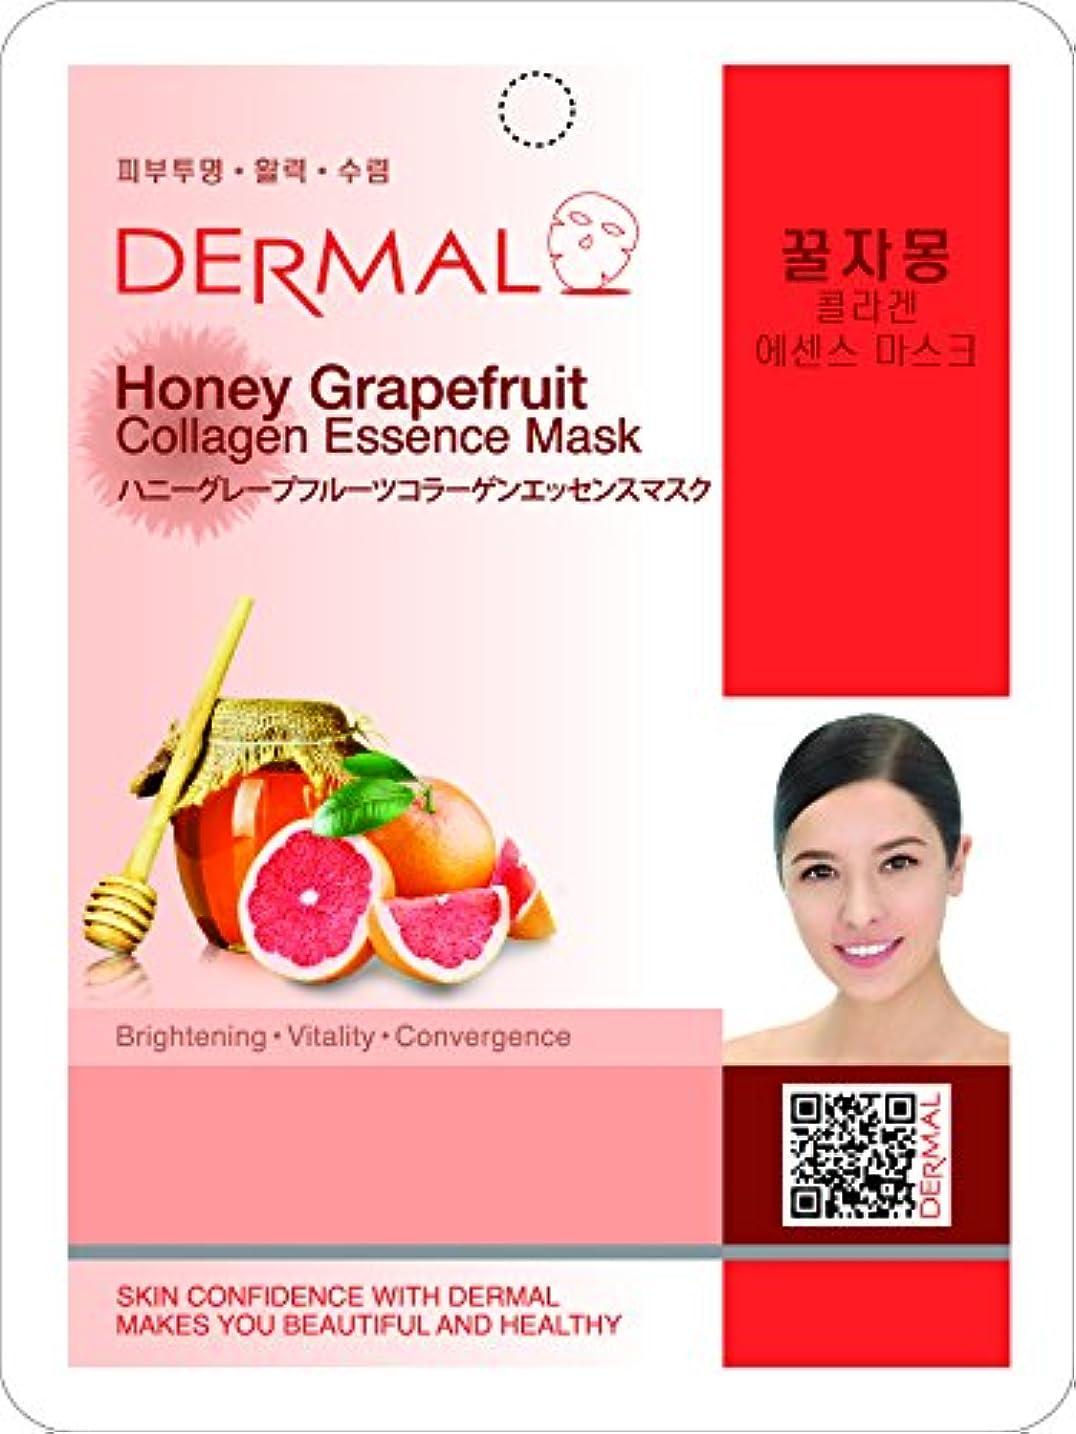 自由材料敏感なハニーグレープフルーツシートマスク(フェイスパック) 100枚セット ダーマル(Dermal)